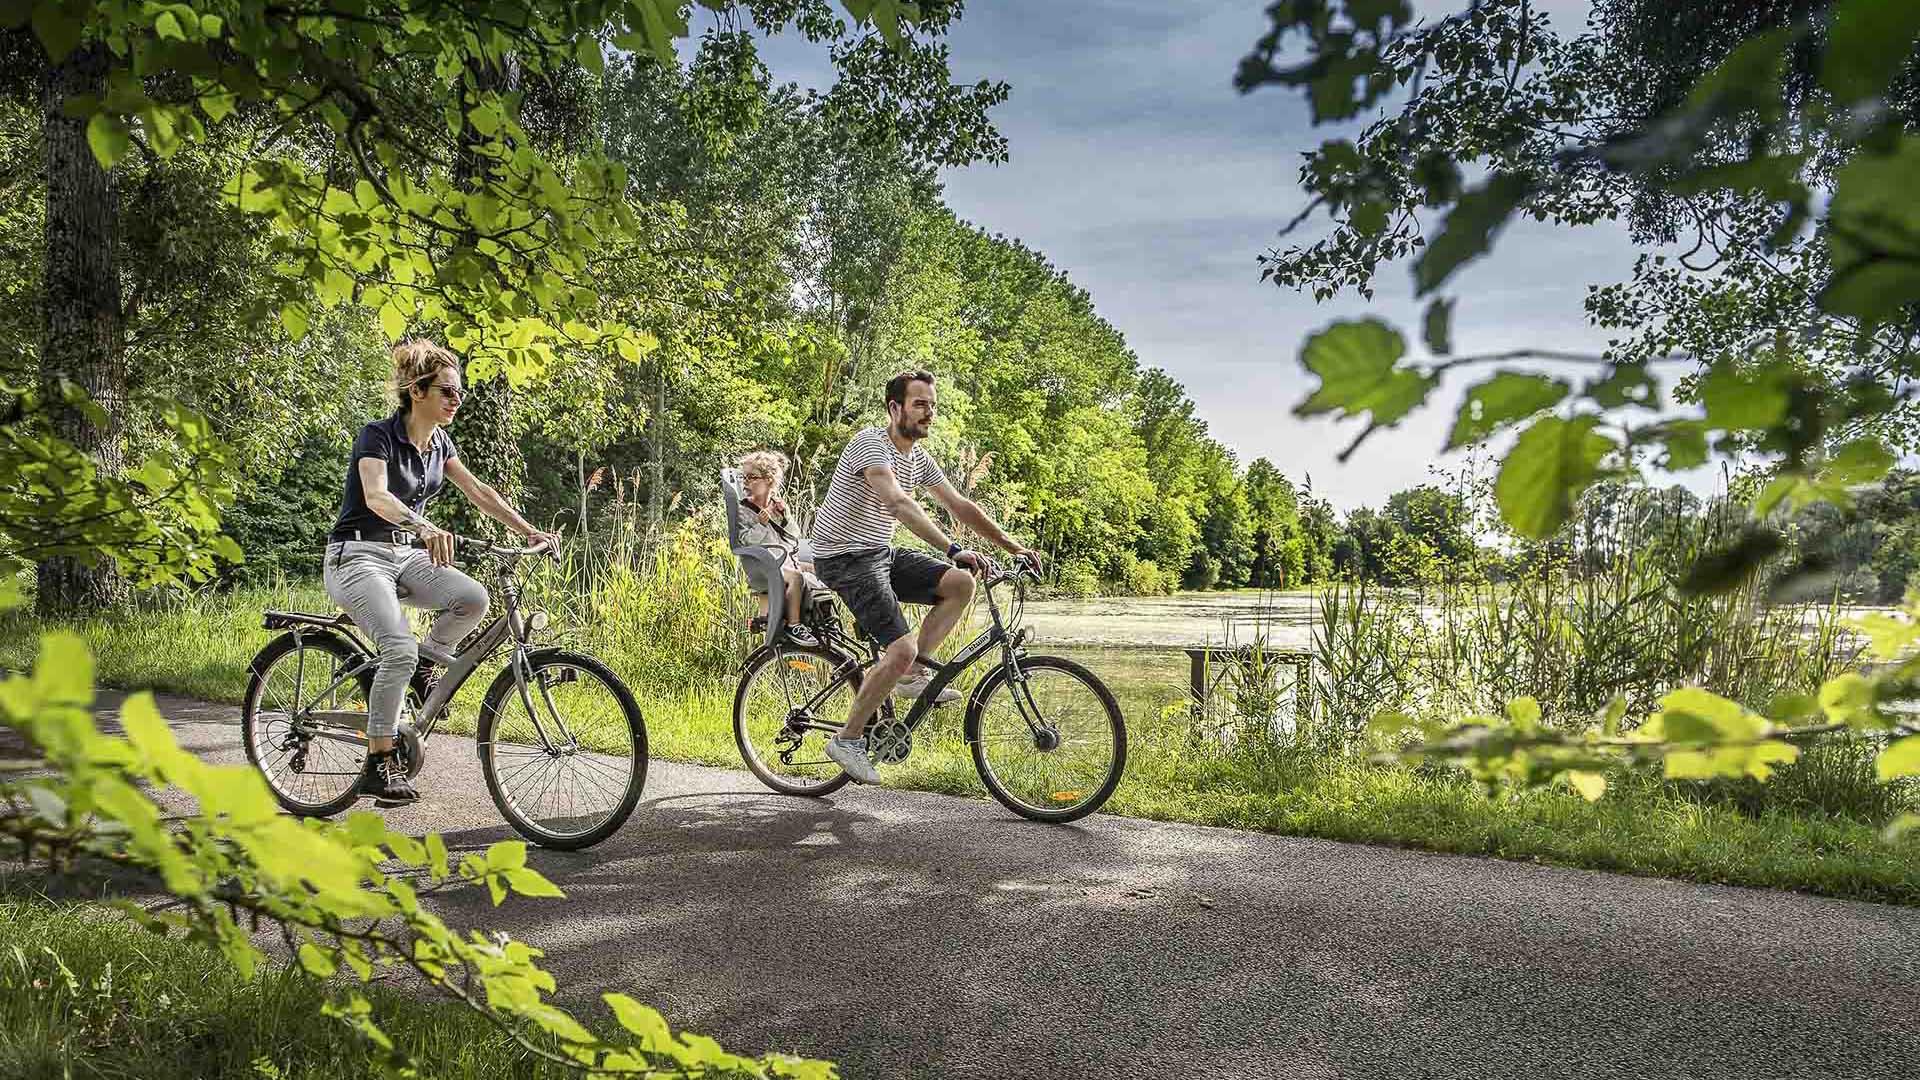 The Indre à vélo route